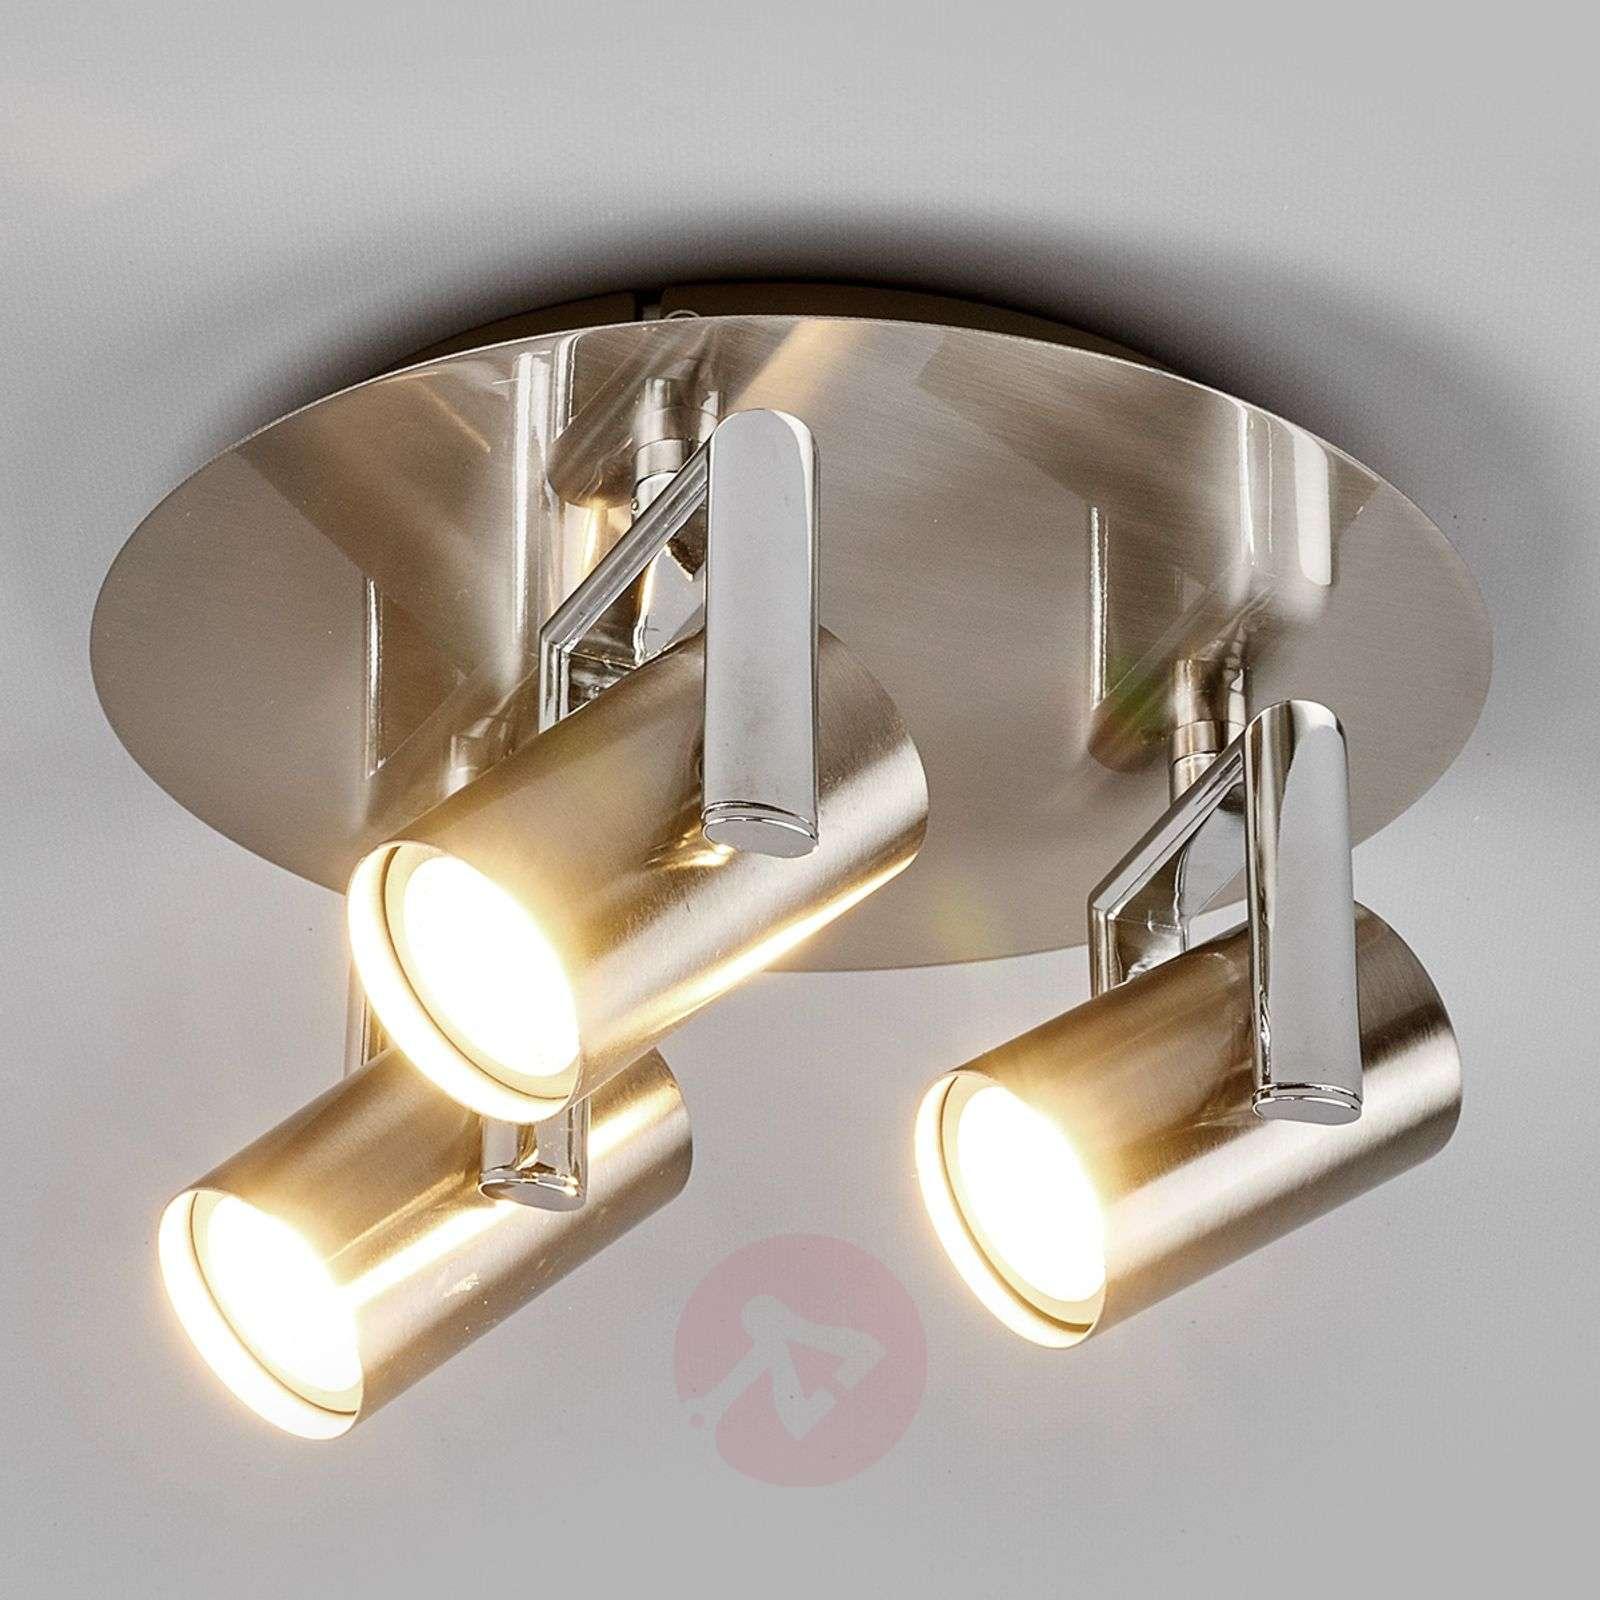 Pyöreä LED-kattovalaisin Luciana, 3-lamppuinen-9975026-01